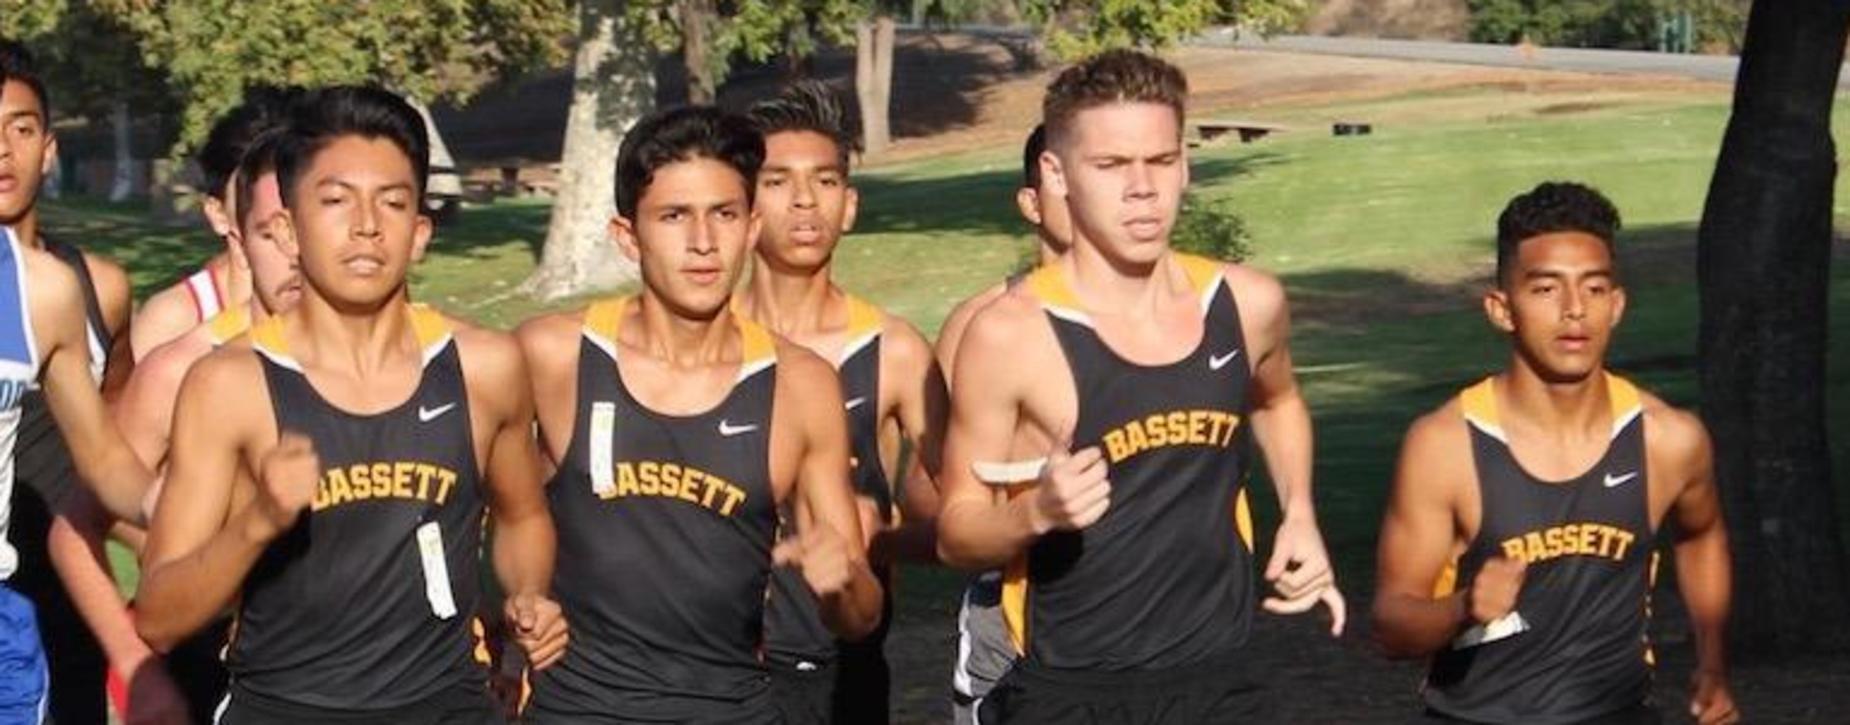 Bassett Track Team